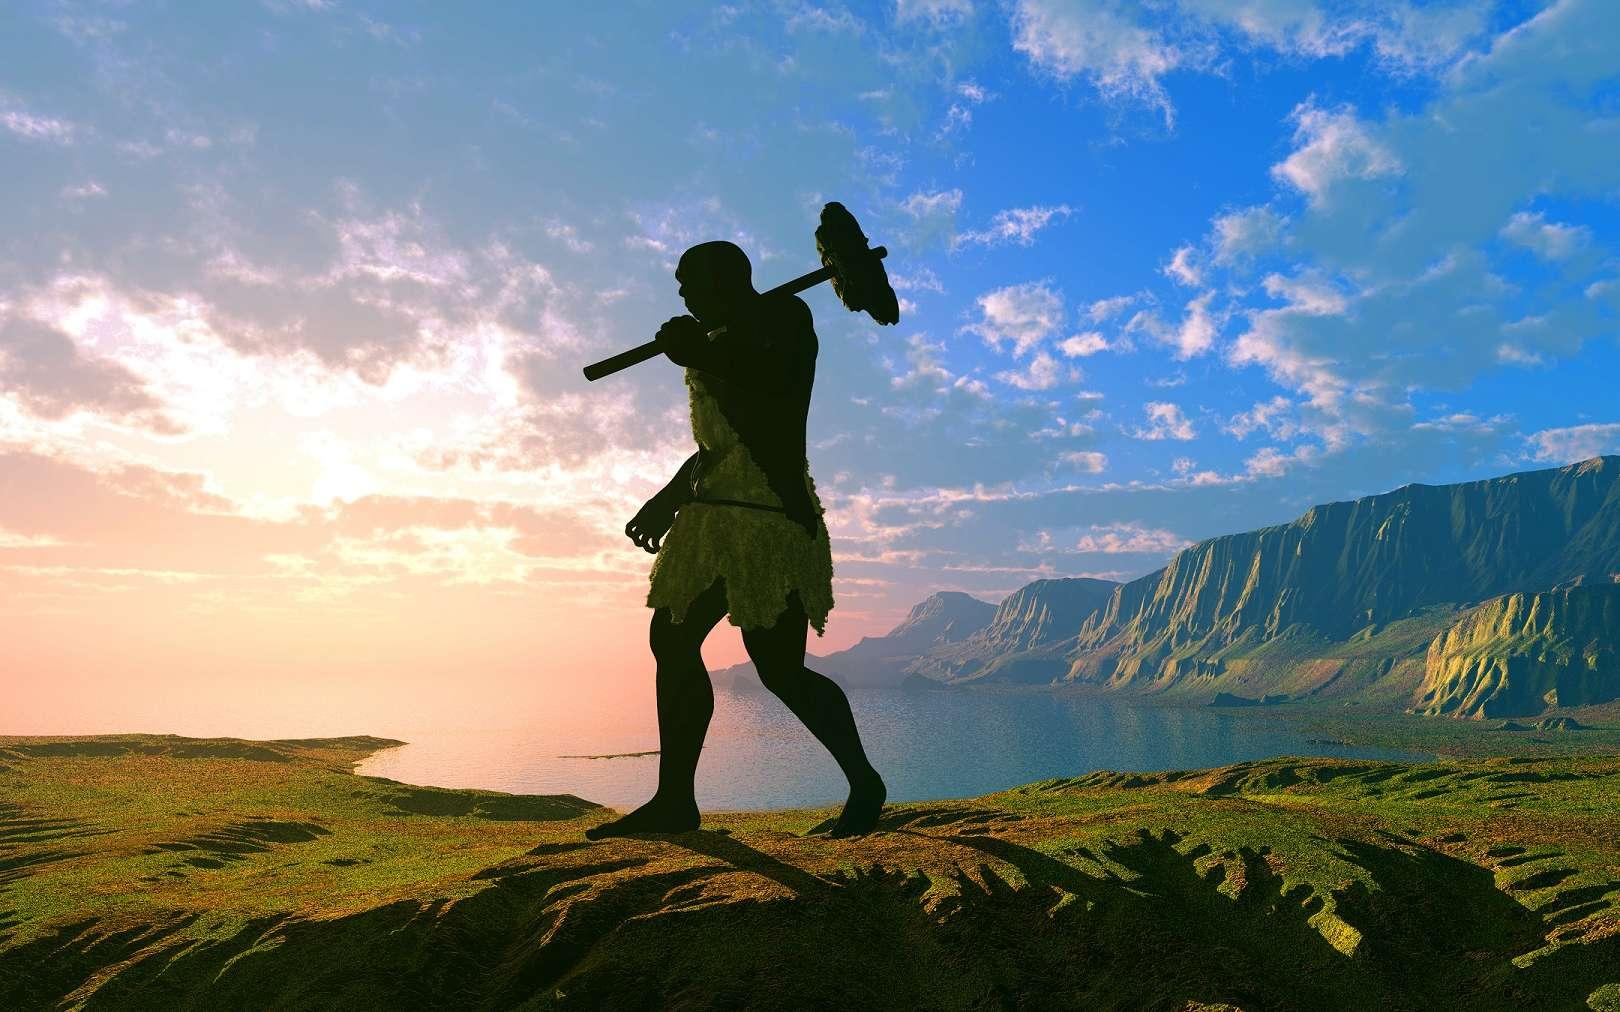 En Europe, il y a 50.000 ans, les Hommes modernes ont rencontré les Hommes de Néandertal qui ont ensuite disparu. Aujourd'hui, il reste encore un peu de leur ADN dans le patrimoine génétique des Européens... © iurii, Shutterstock